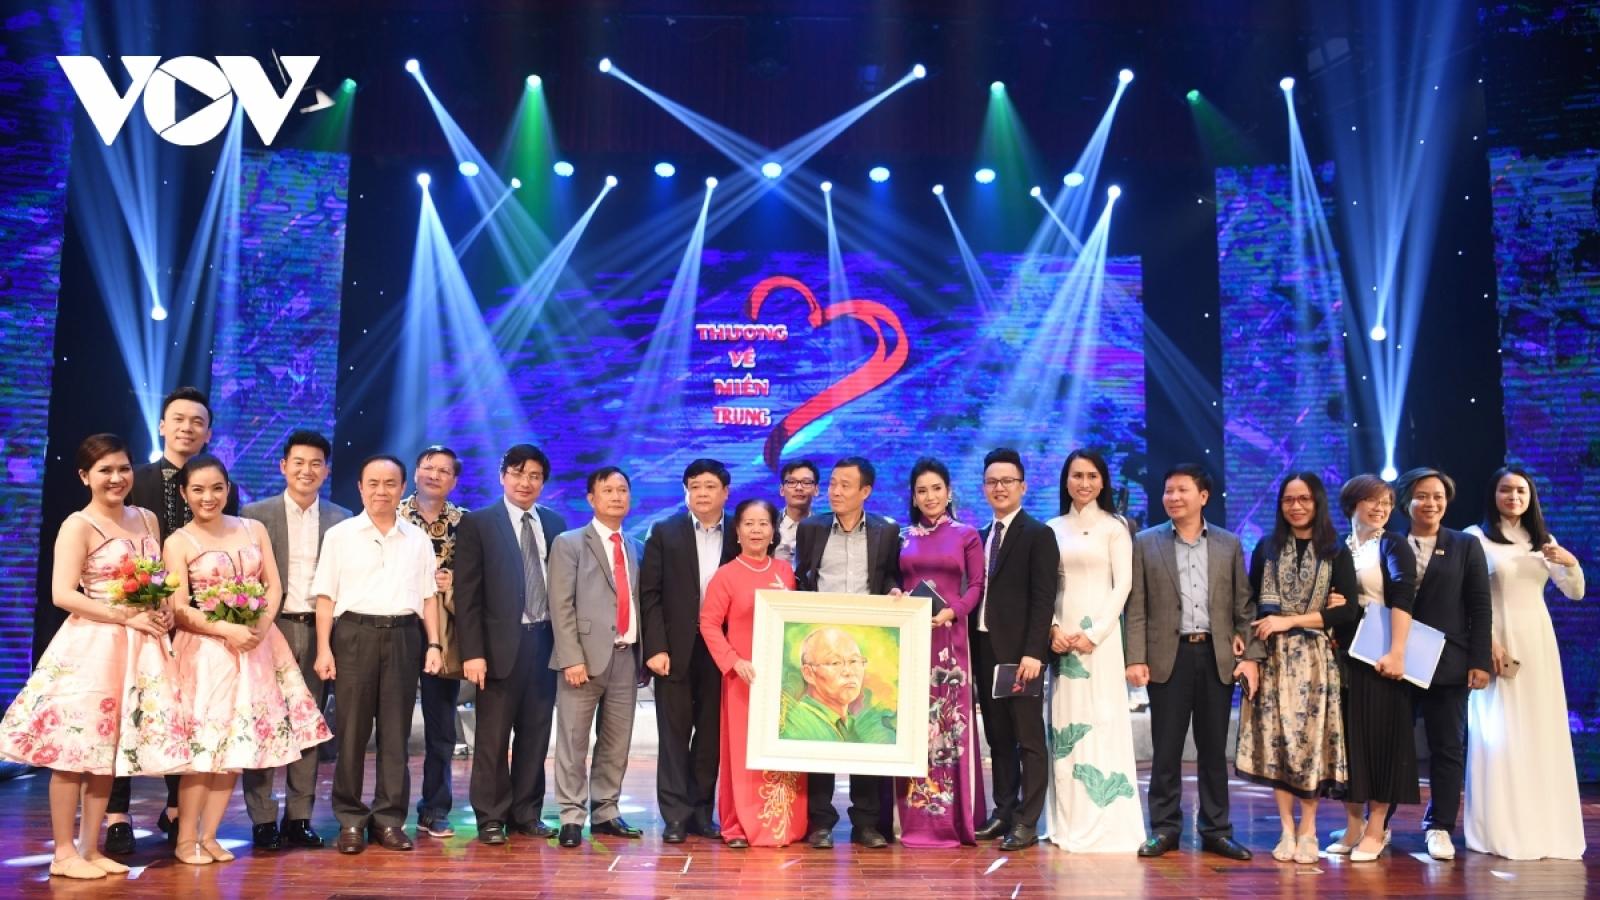 VOV mong tiếp tục cùng các doanh nghiệp, nhà hảo tâm trợ giúp đồng bào miền Trung